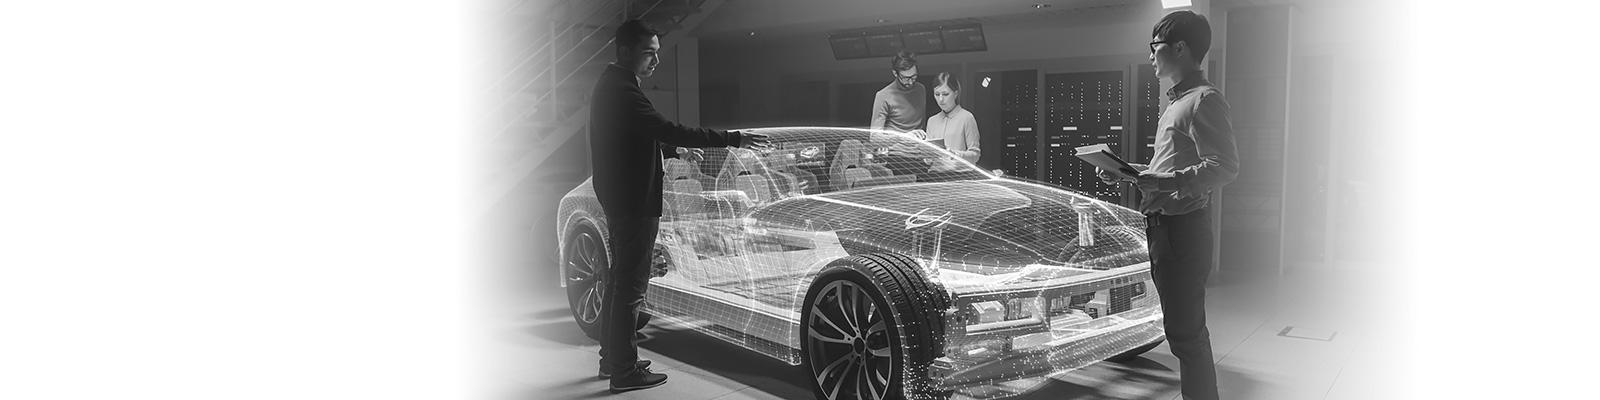 自動車 開発 VR イメージ